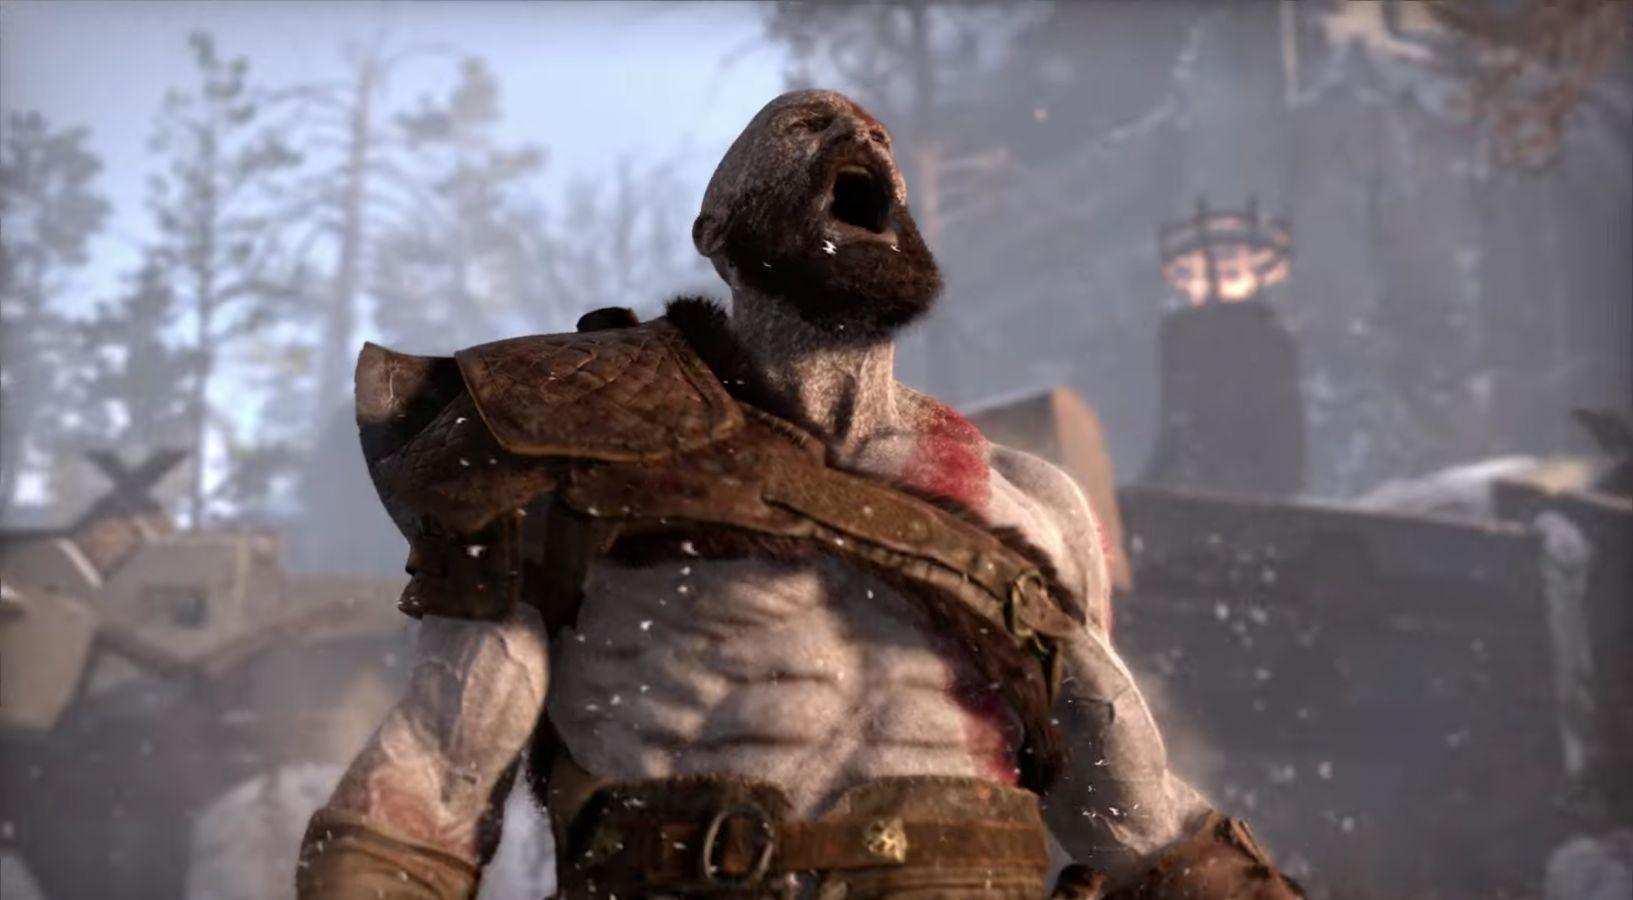 Kann Kratos sich im neuen God of War Teil seinen inneren Dämonen stellen und die lang ersehnte Erlösung finden? (Quelle: BusinessInsider)